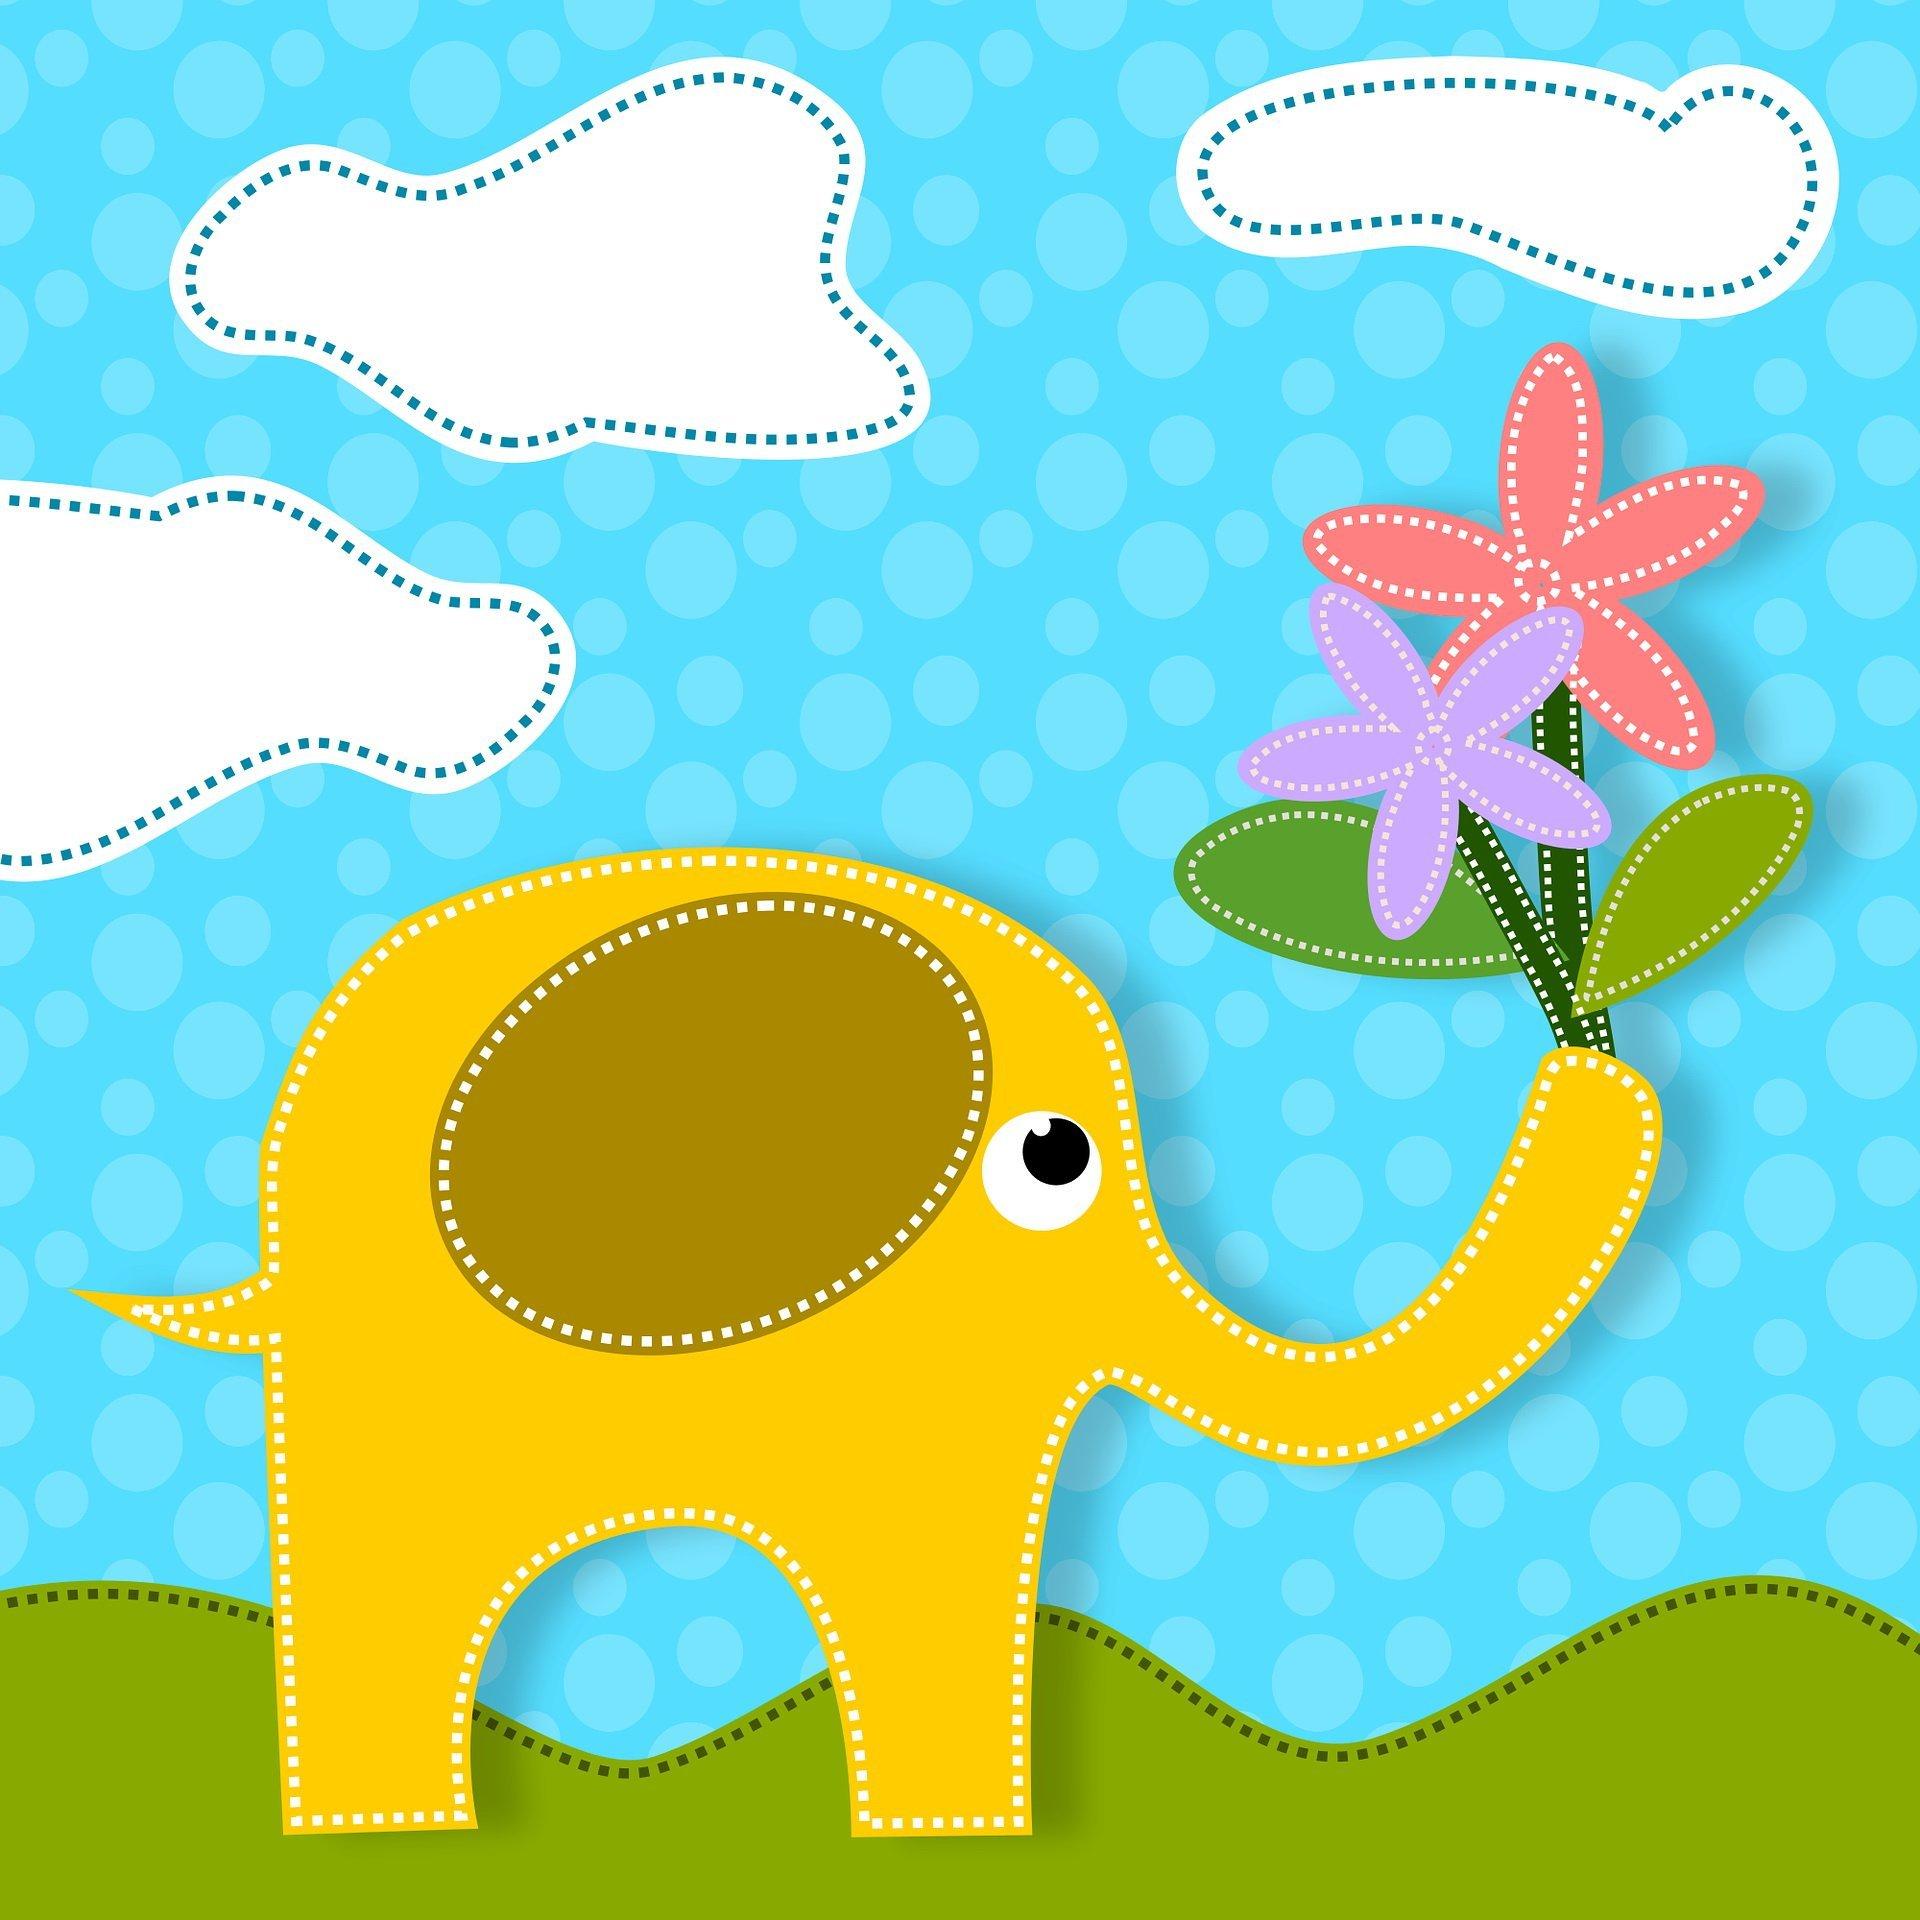 Cztery słonie, piosenka dla dzieci, tekst i melodia